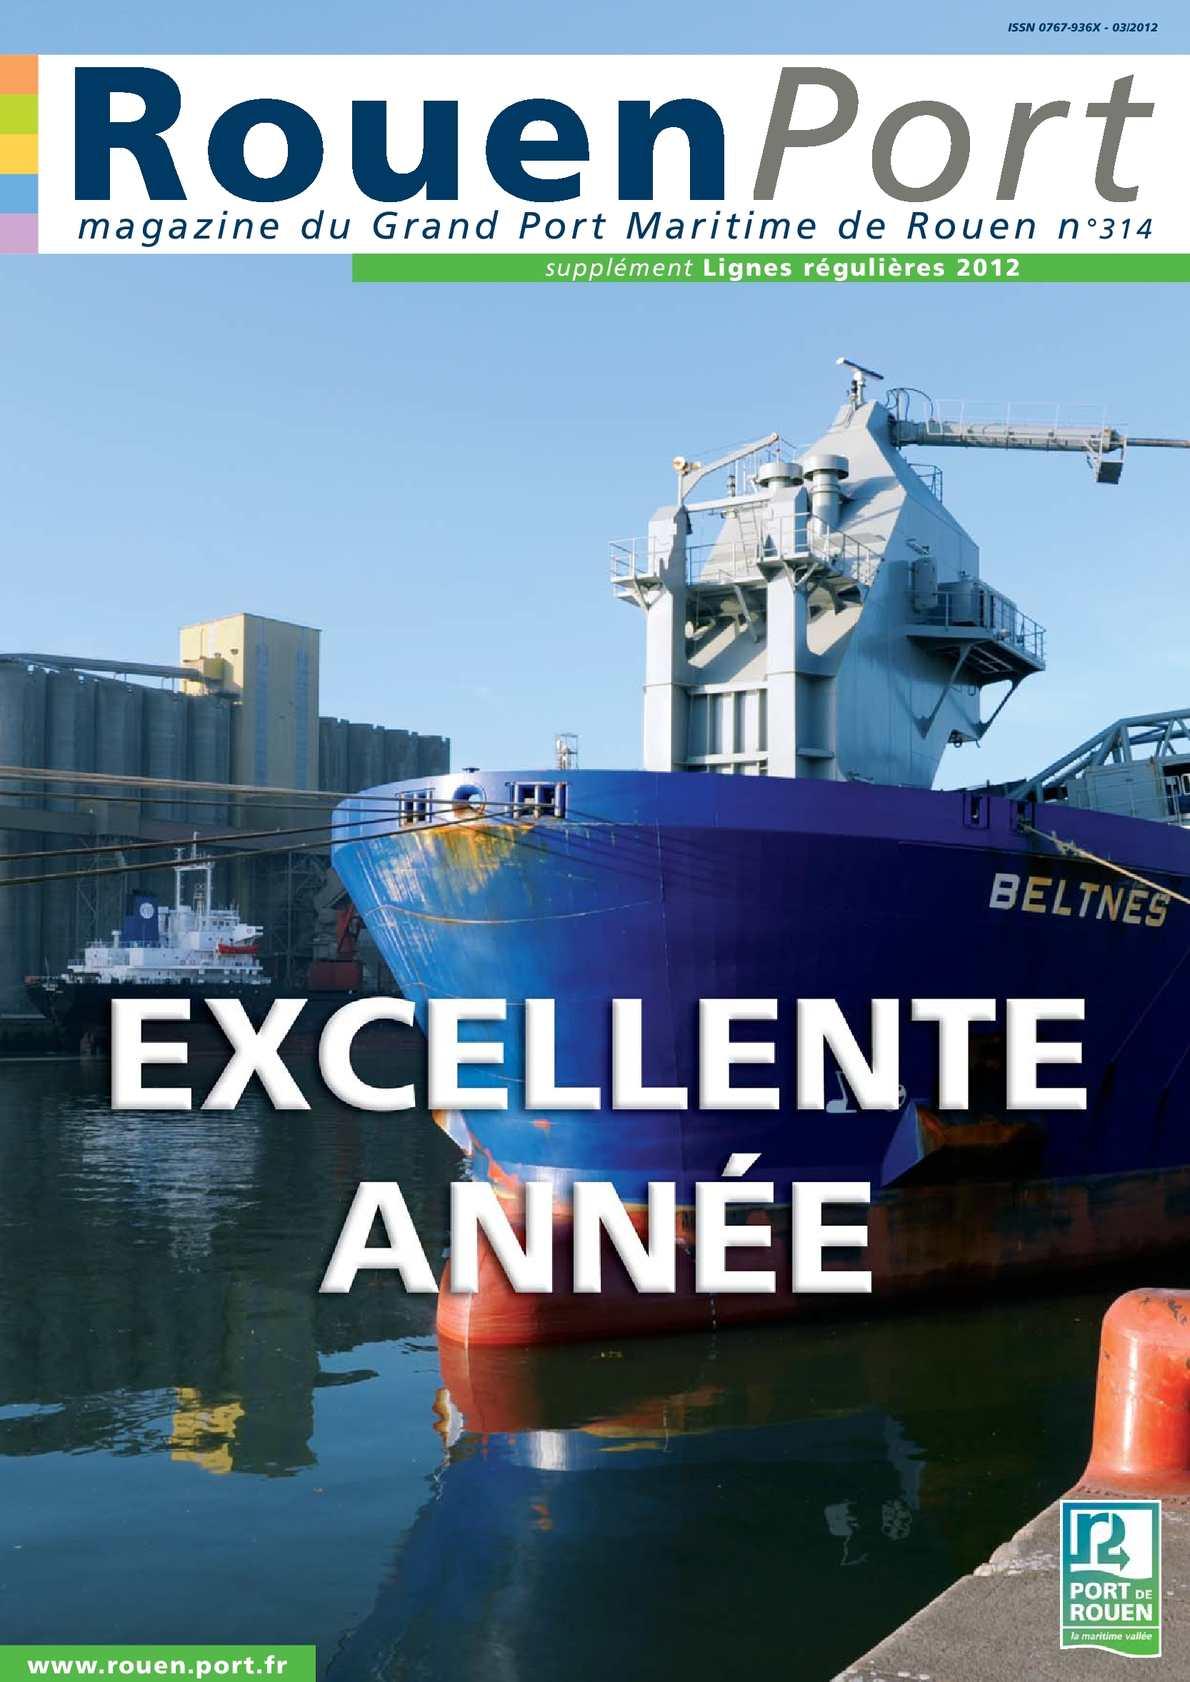 Calam o magazine rouen port n 314 - Grand port maritime de rouen ...